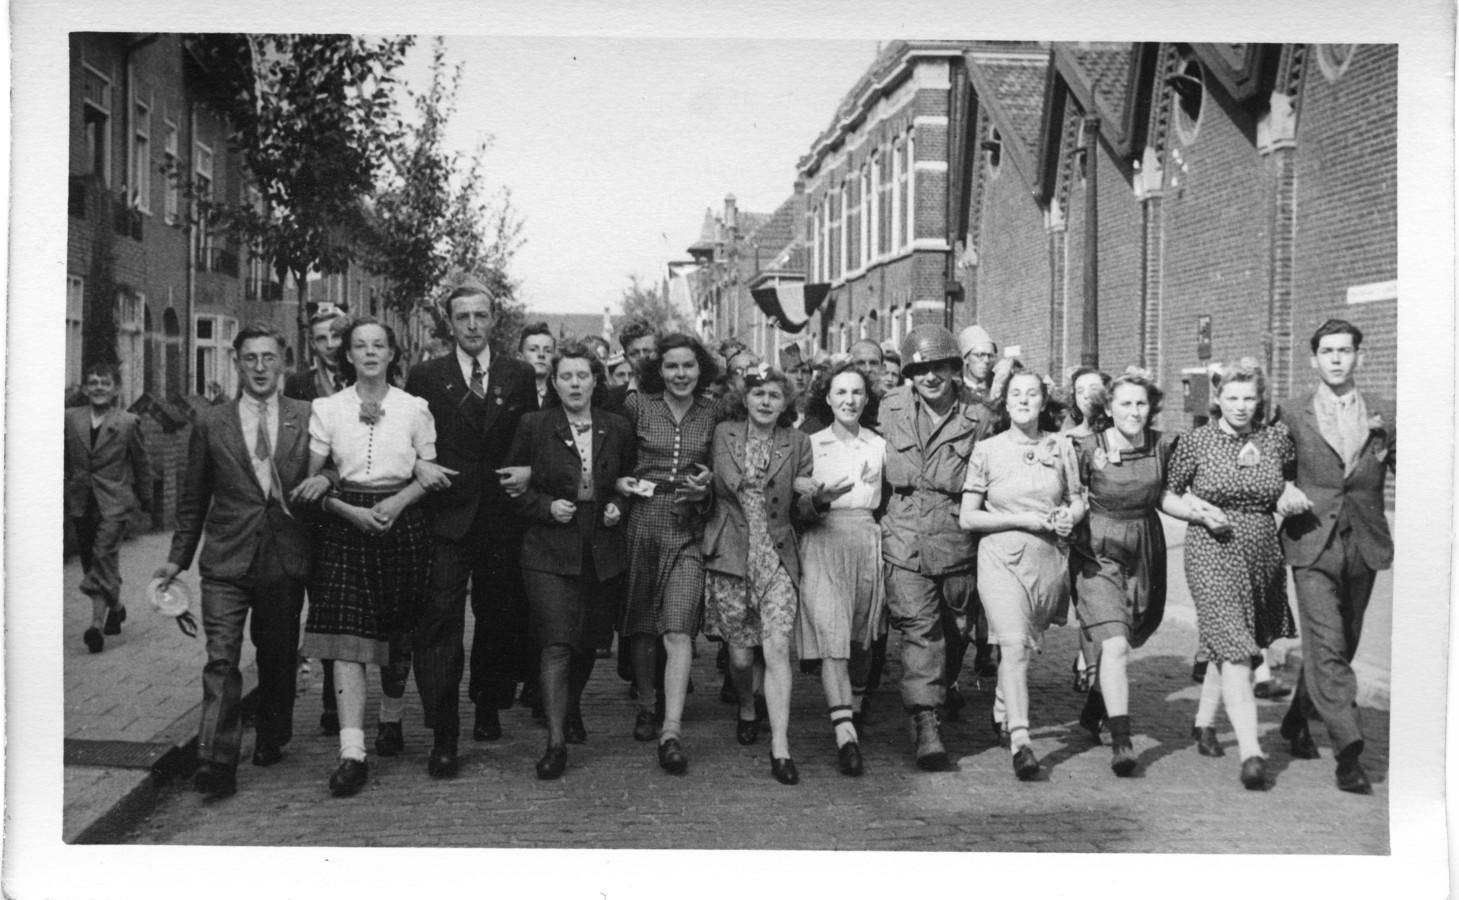 Feestvierende Eindhovenaren op de Tramstraat in Eindhoven op 18 september 1944, de dag van de bevrijding van de stad. FOTO EINDHOVEN IN BEELD